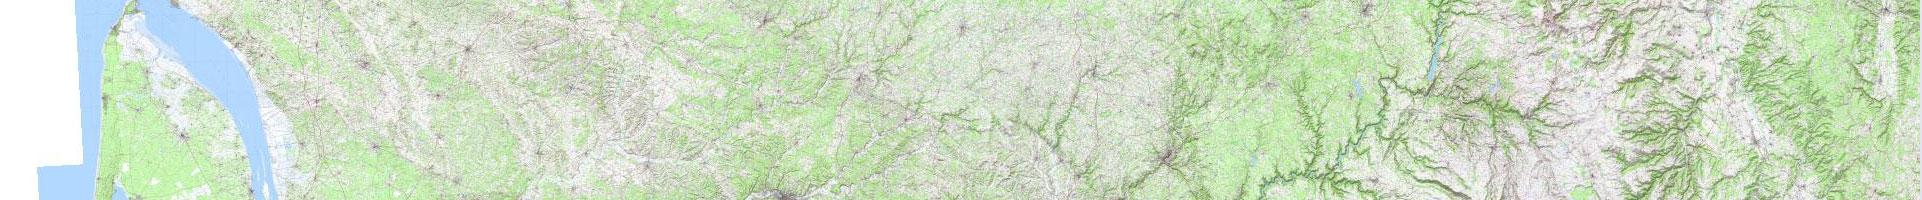 Carte topographique IGN 1er niveau d'agrandissement